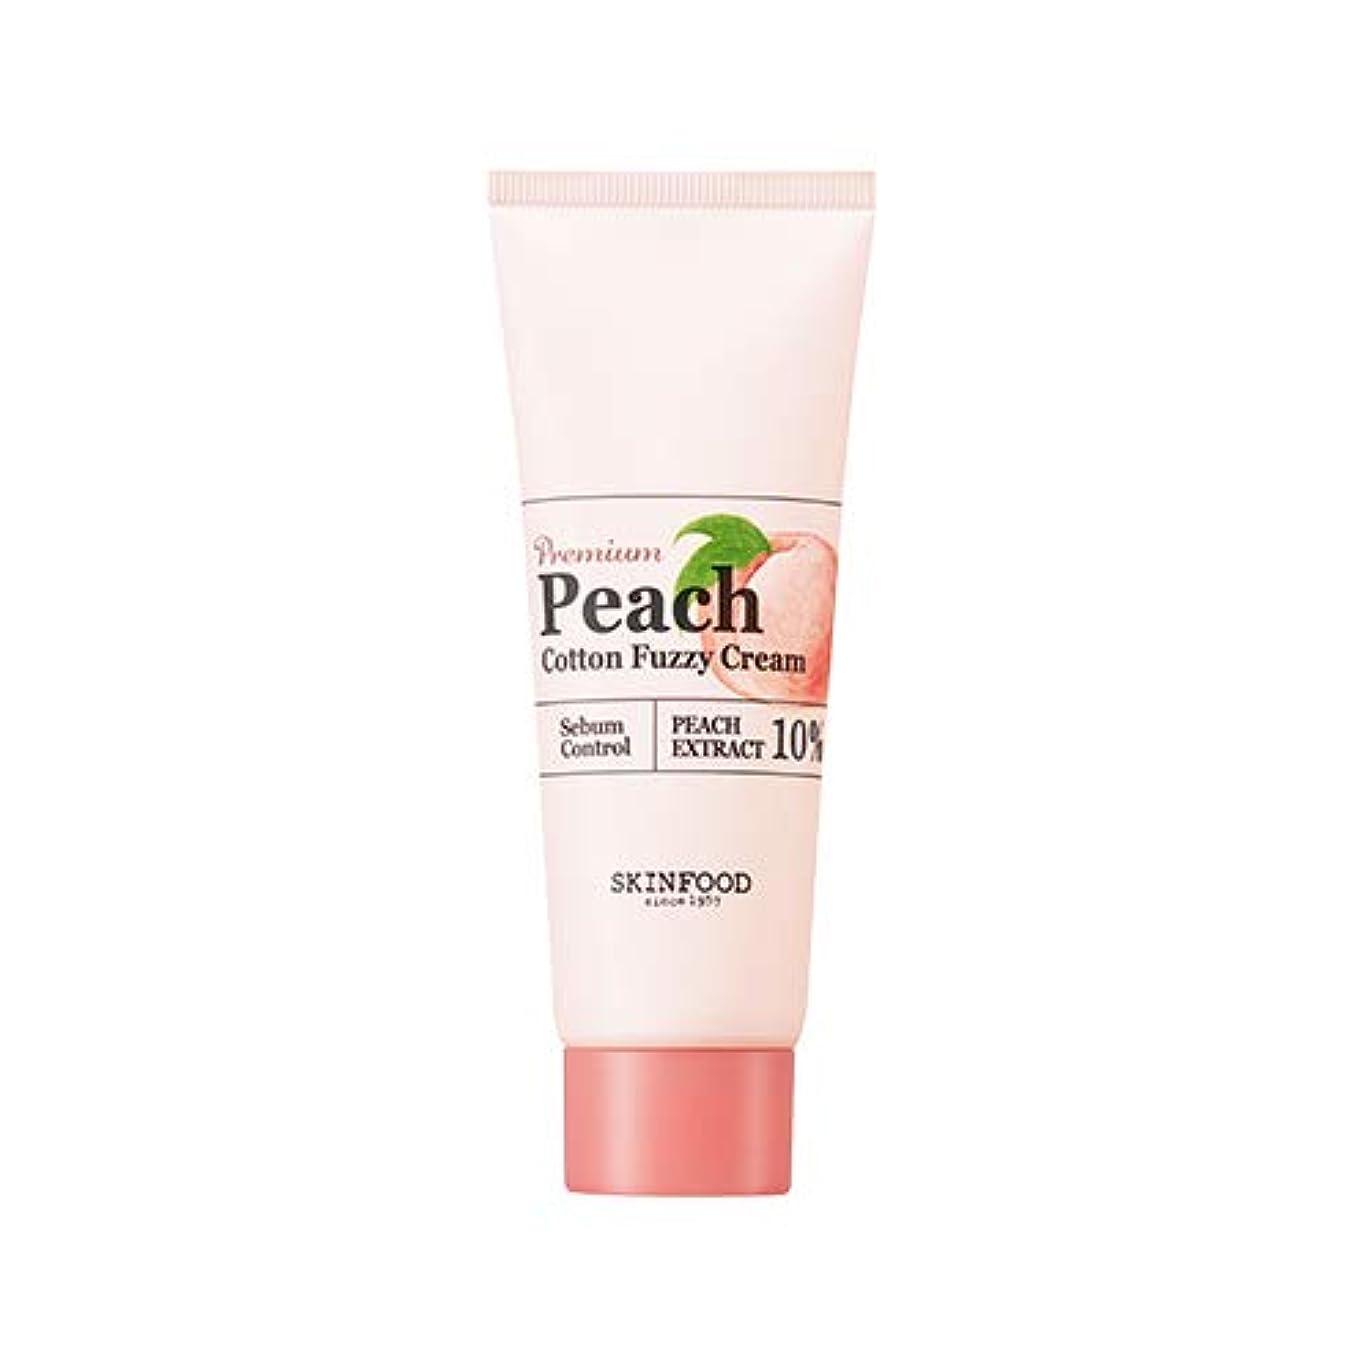 些細引き出し悪魔Skinfood プレミアムピーチコットンファジークリーム/Premium Peach Cotton Fuzzy Cream 65ml [並行輸入品]